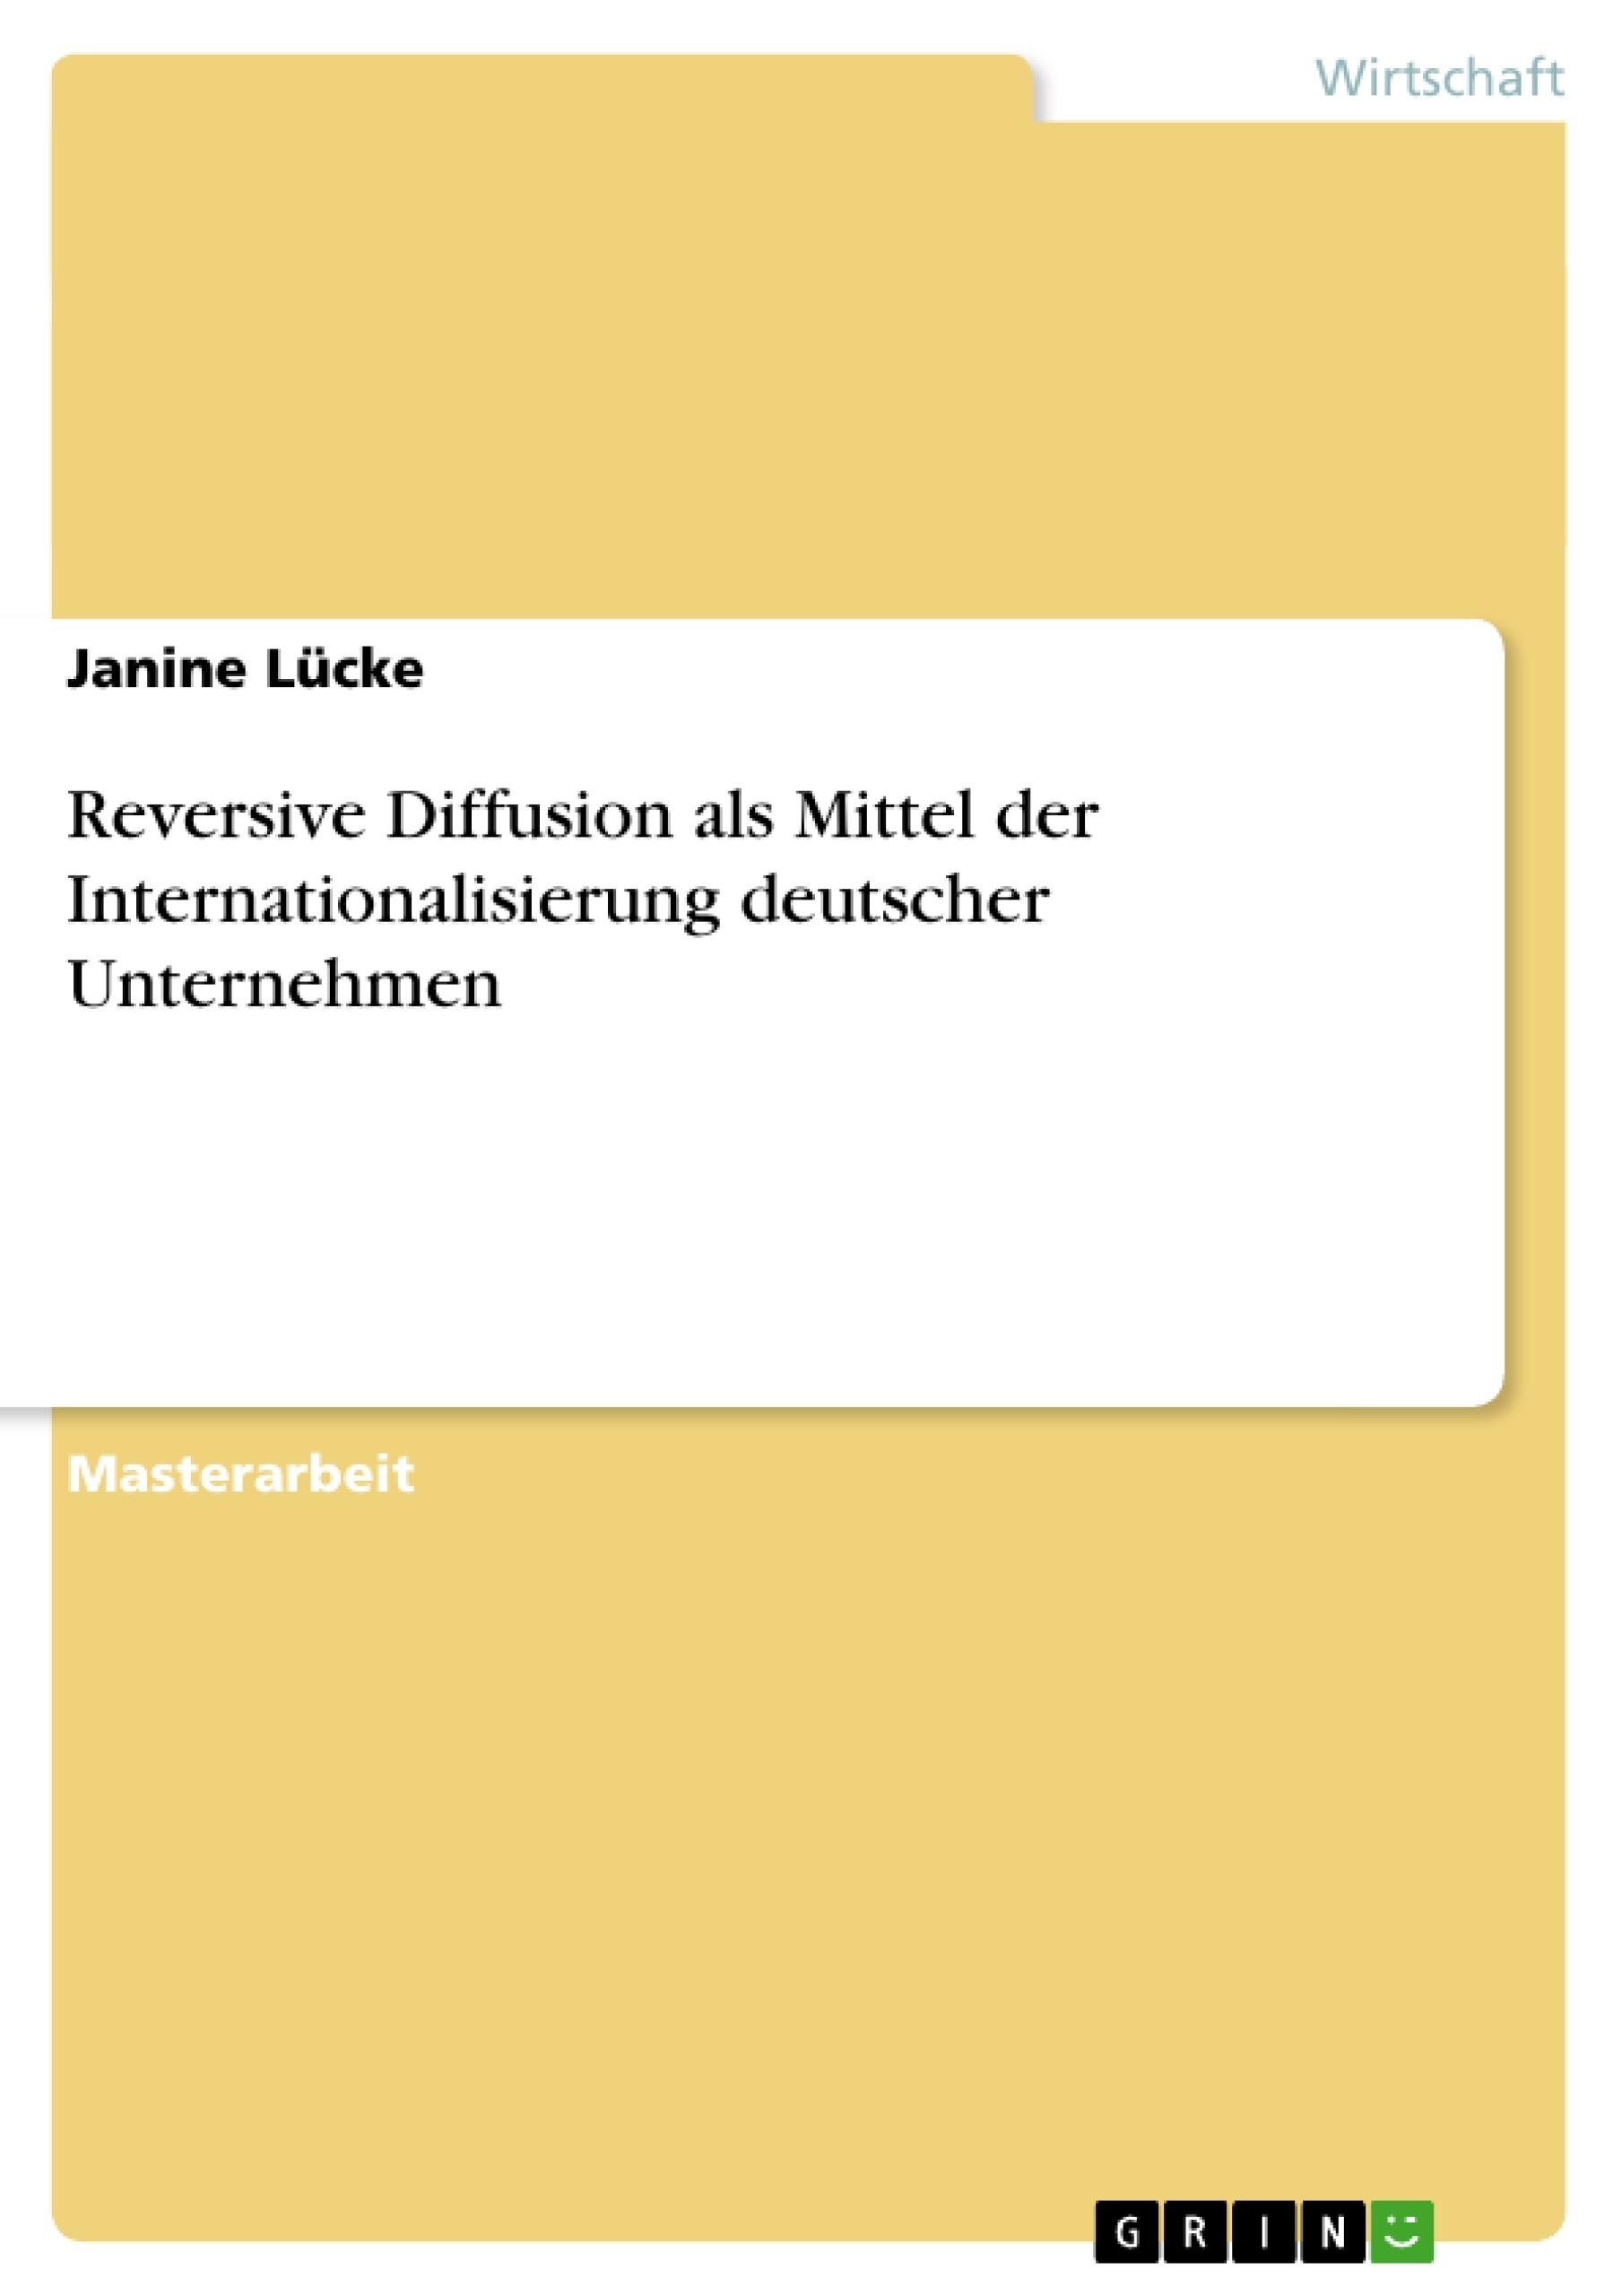 Titel: Reversive Diffusion als Mittel der Internationalisierung deutscher Unternehmen